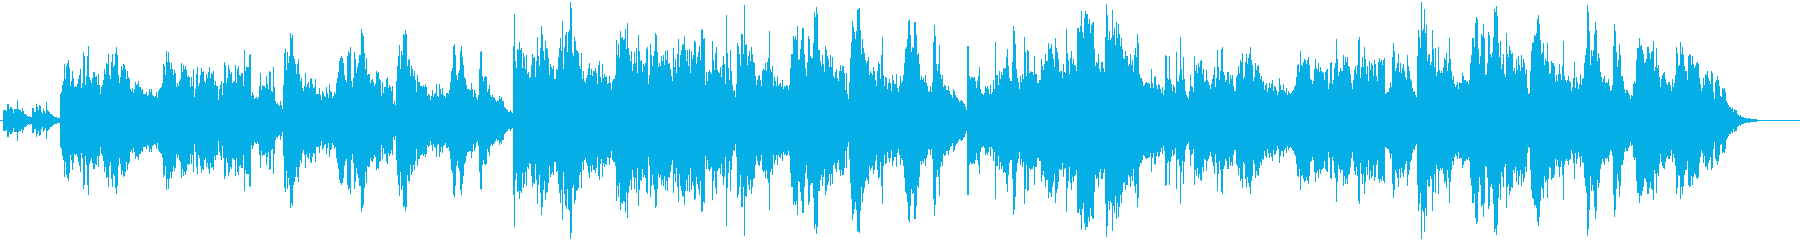 世界的な二胡奏者の生演奏 神秘的で静謐の再生済みの波形